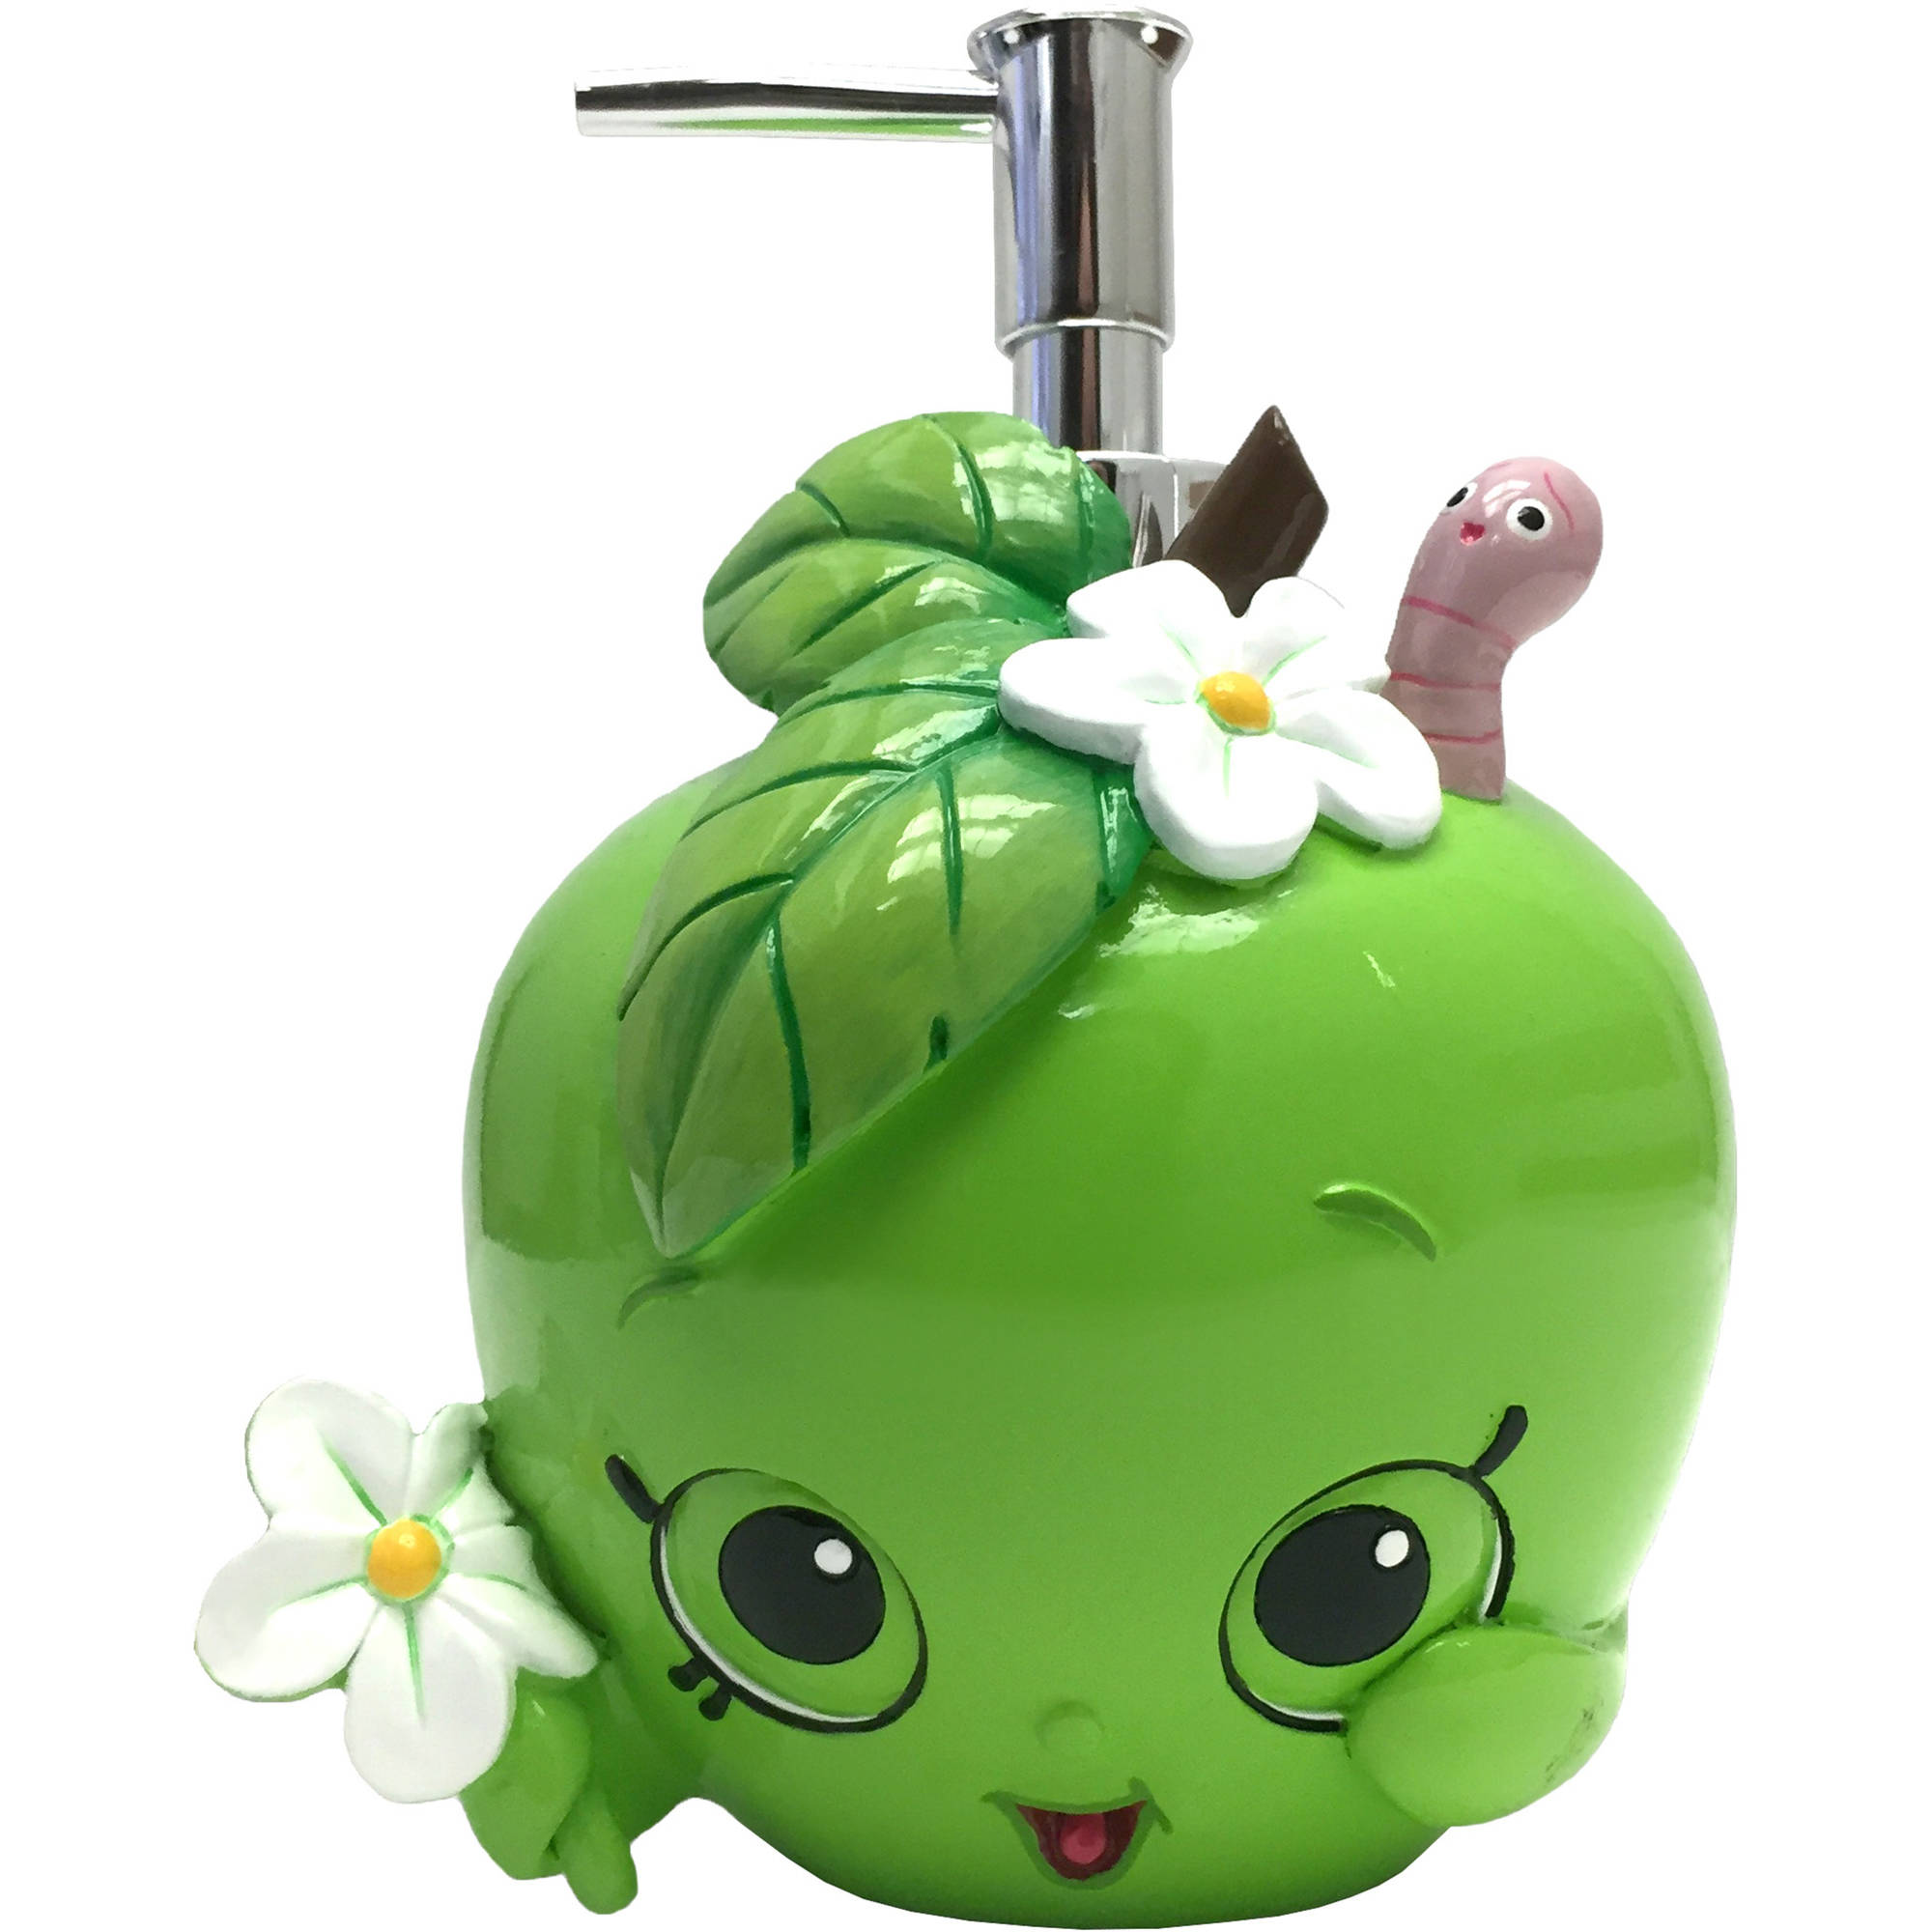 Shopkins Lotion Pump, 1 Each